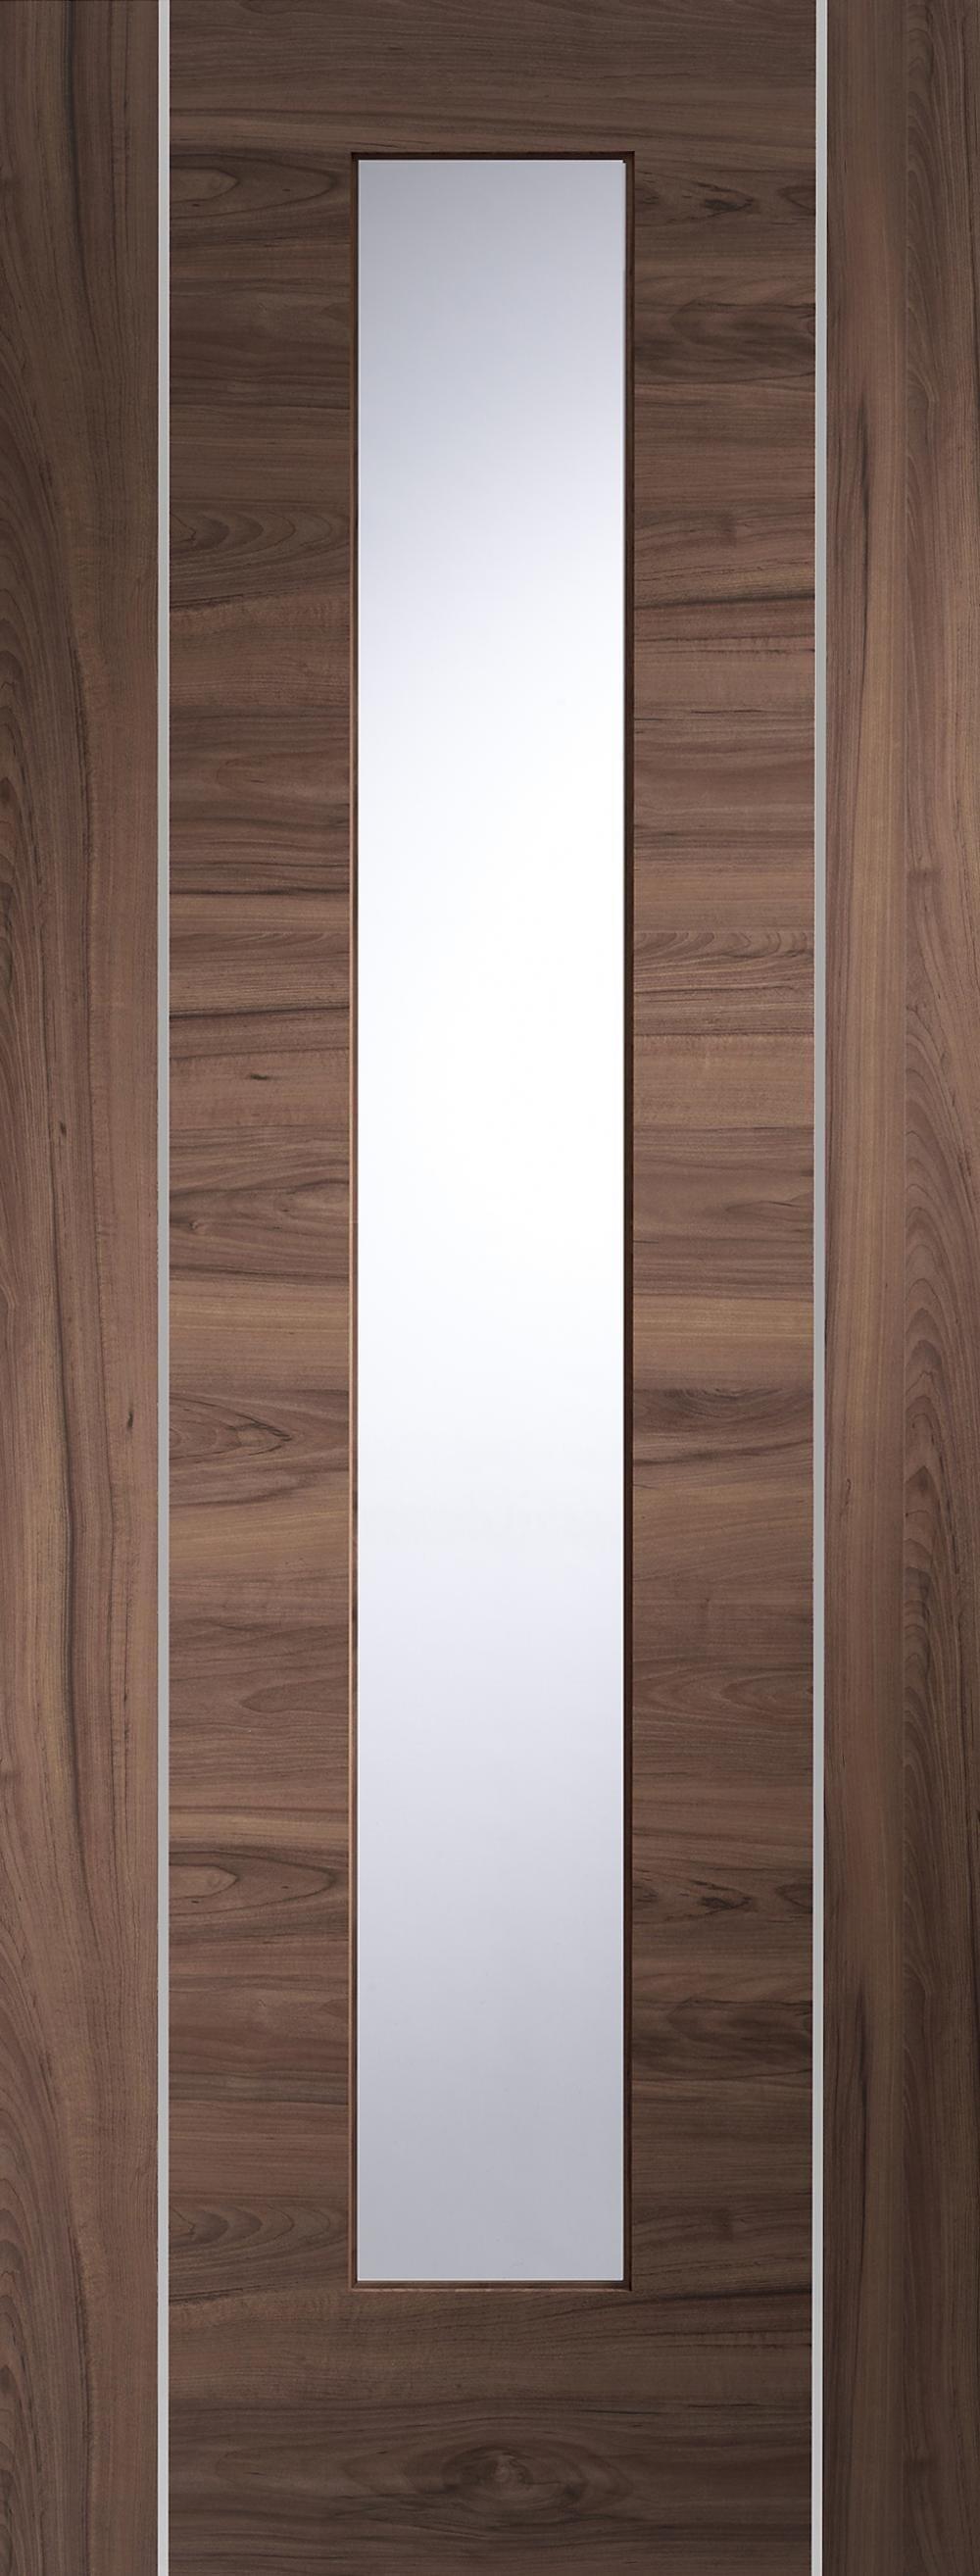 Forli Walnut Glazed - Prefinished  Image